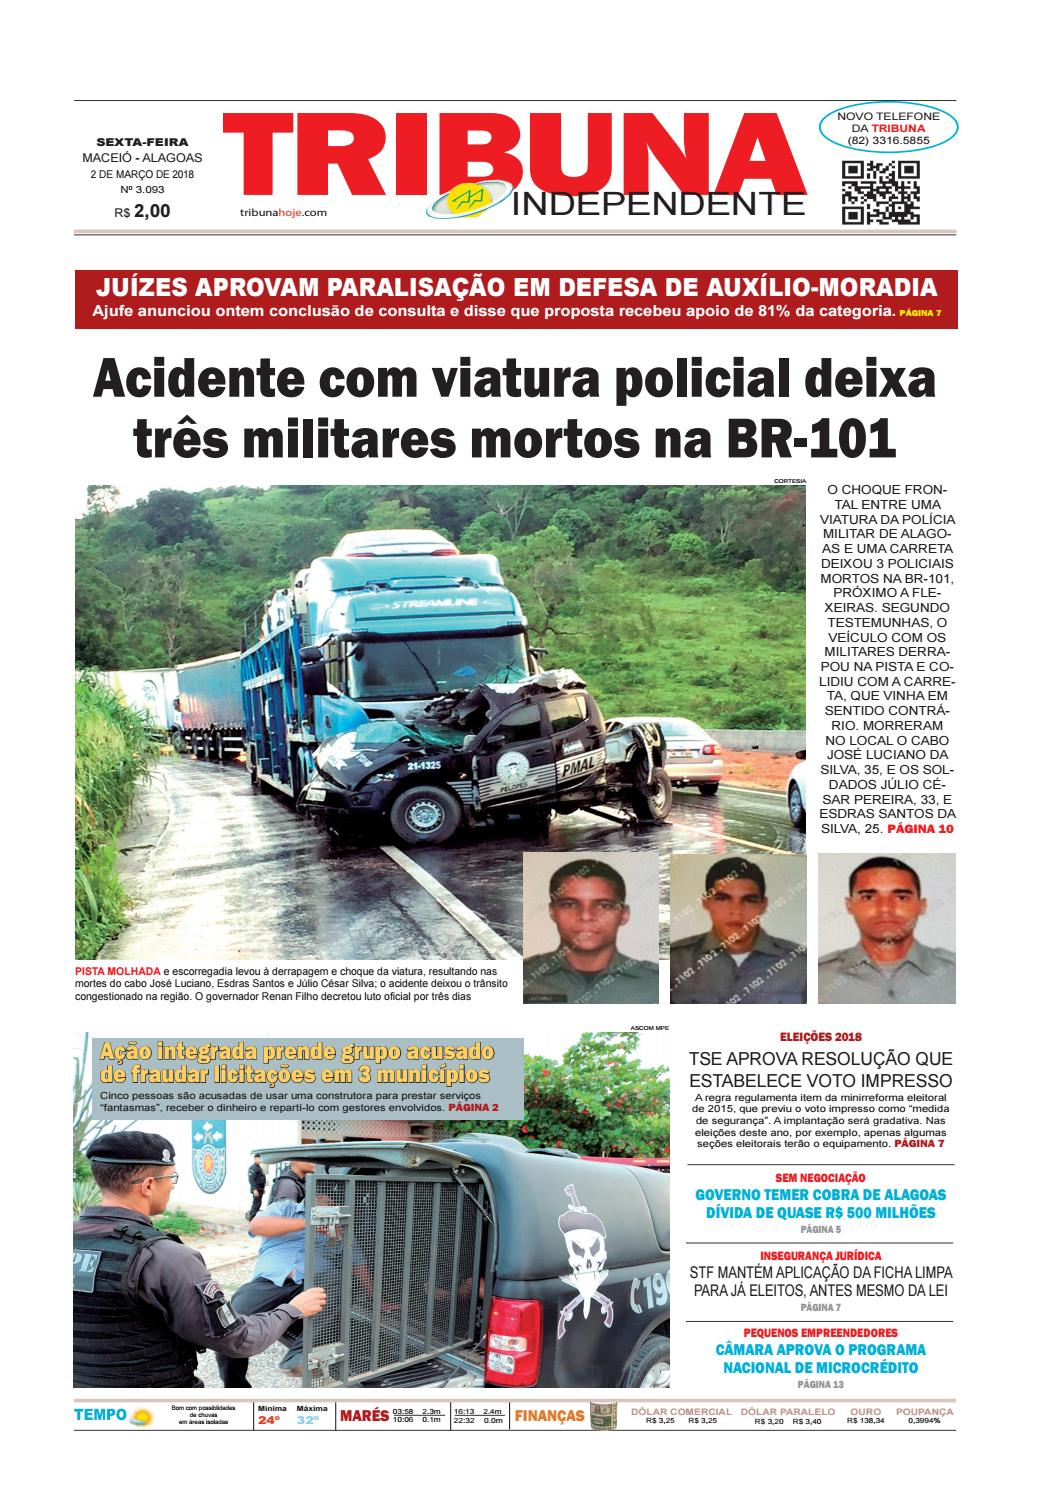 Edição número 3094 - 2 de março de 2018 by Tribuna Hoje - issuu 33b77626ce